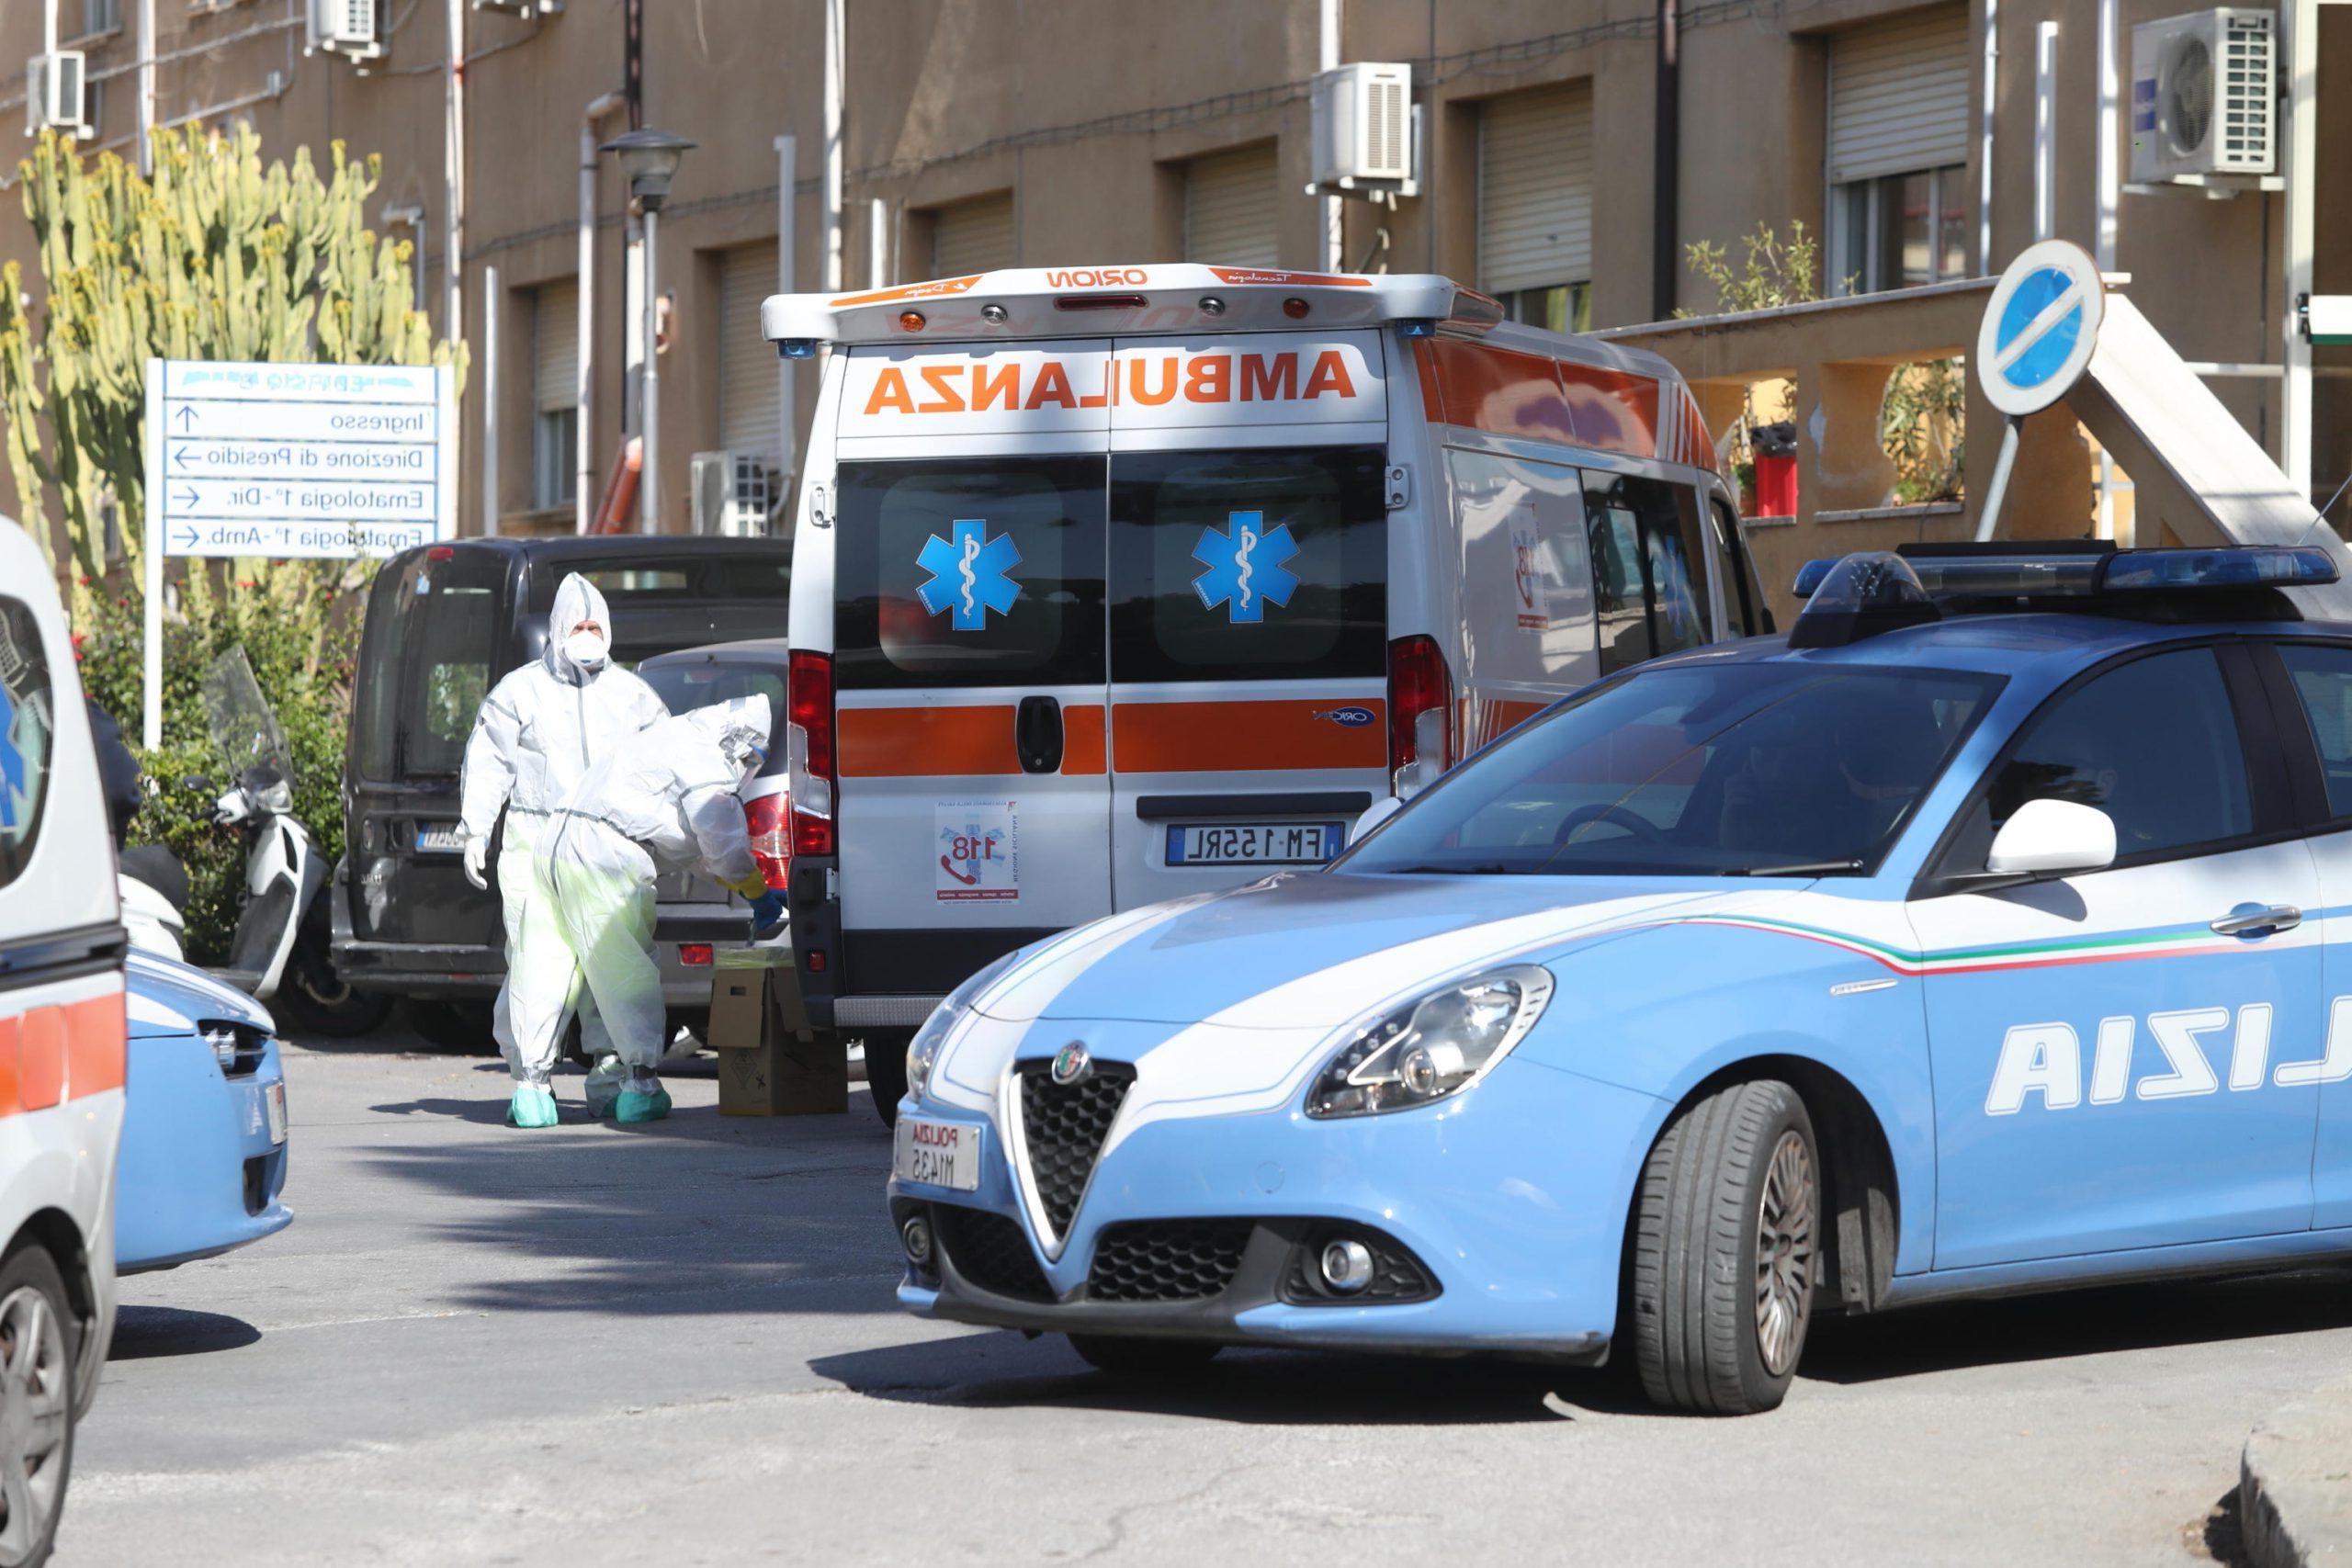 Contagi zero oggi in Sicilia e nessun decesso